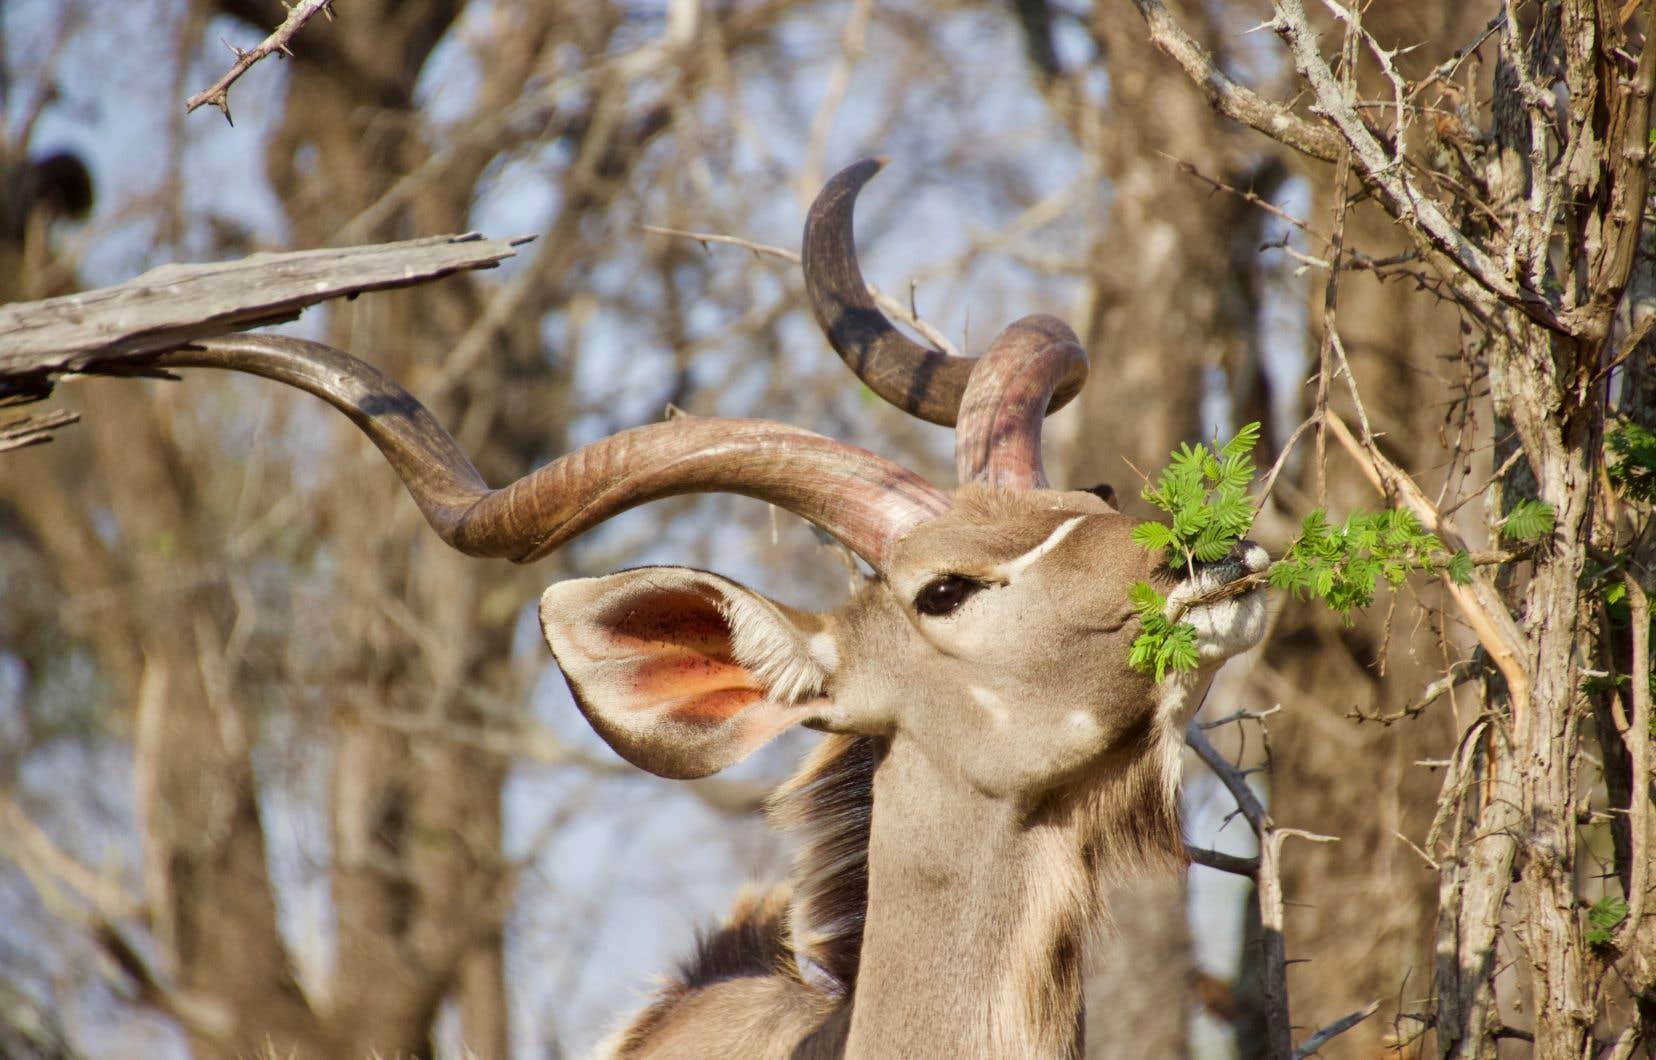 Observer des animaux est une activité apaisante, car elle stimulerait  la production de l'ocytocyne, hormone de l'attachement.